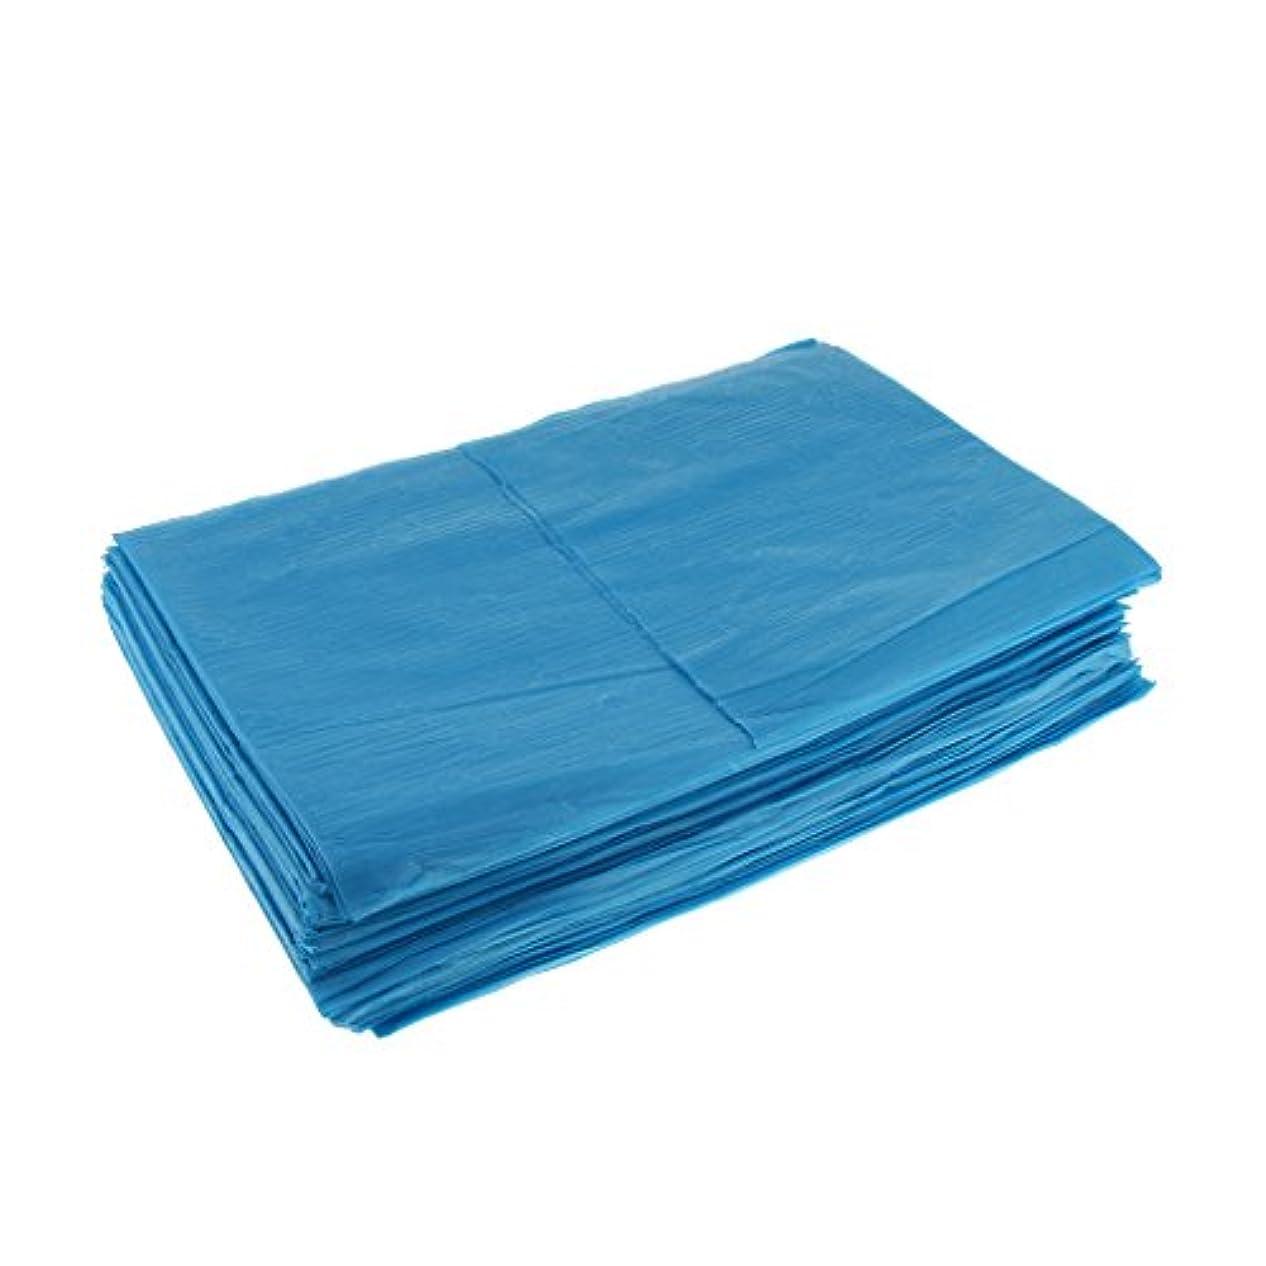 貞ハウジング楽しい10枚 使い捨て ベッドシーツ 美容 マッサージ サロン ホテル ベッドパッド カバー シート 2色選べ - 青